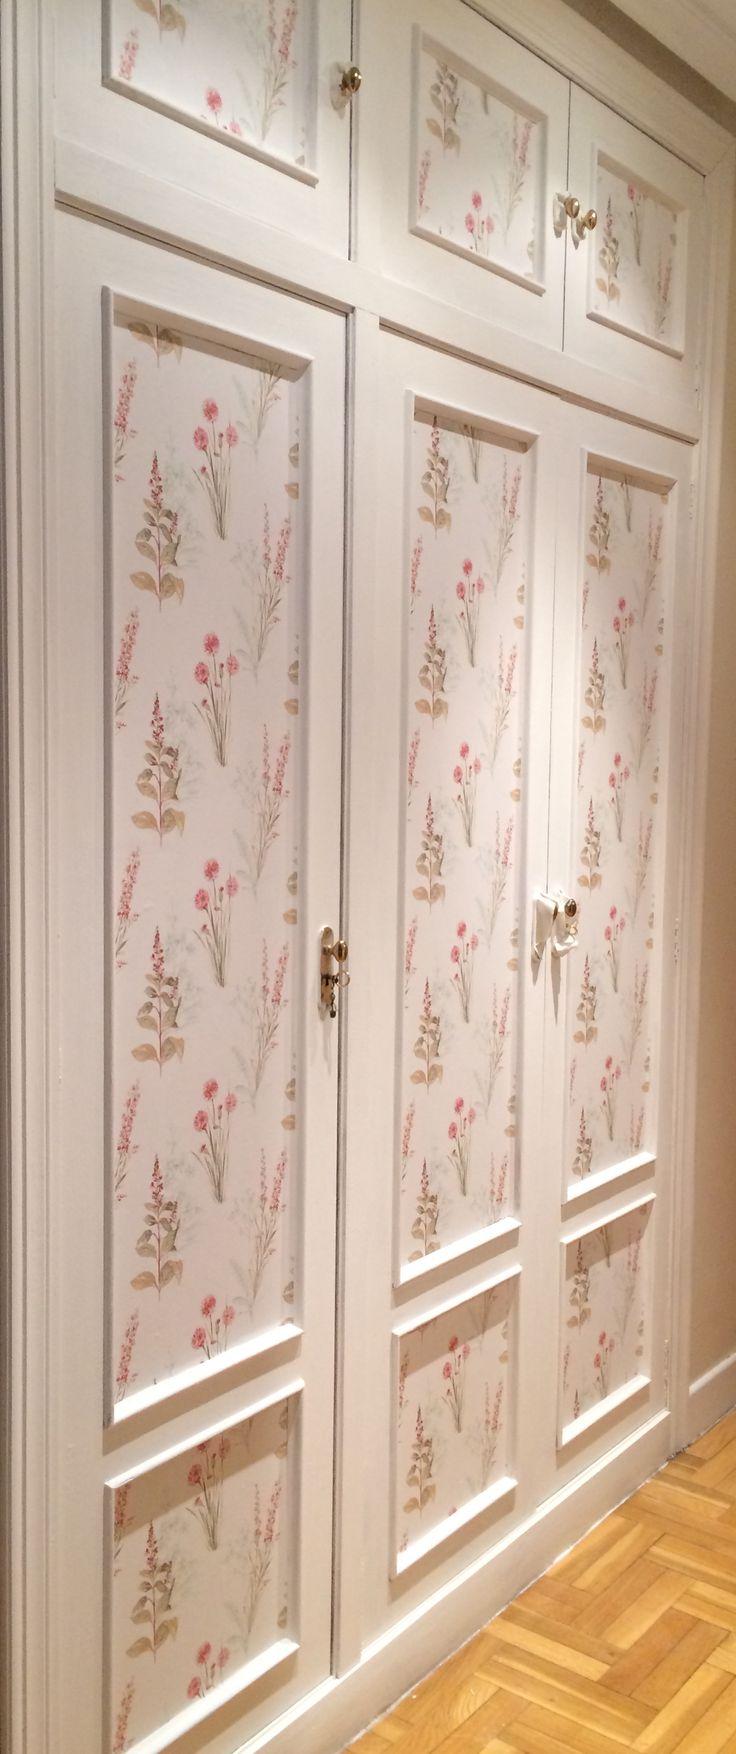 M s de 1000 ideas sobre armario pintado en pinterest for Como empapelar puertas